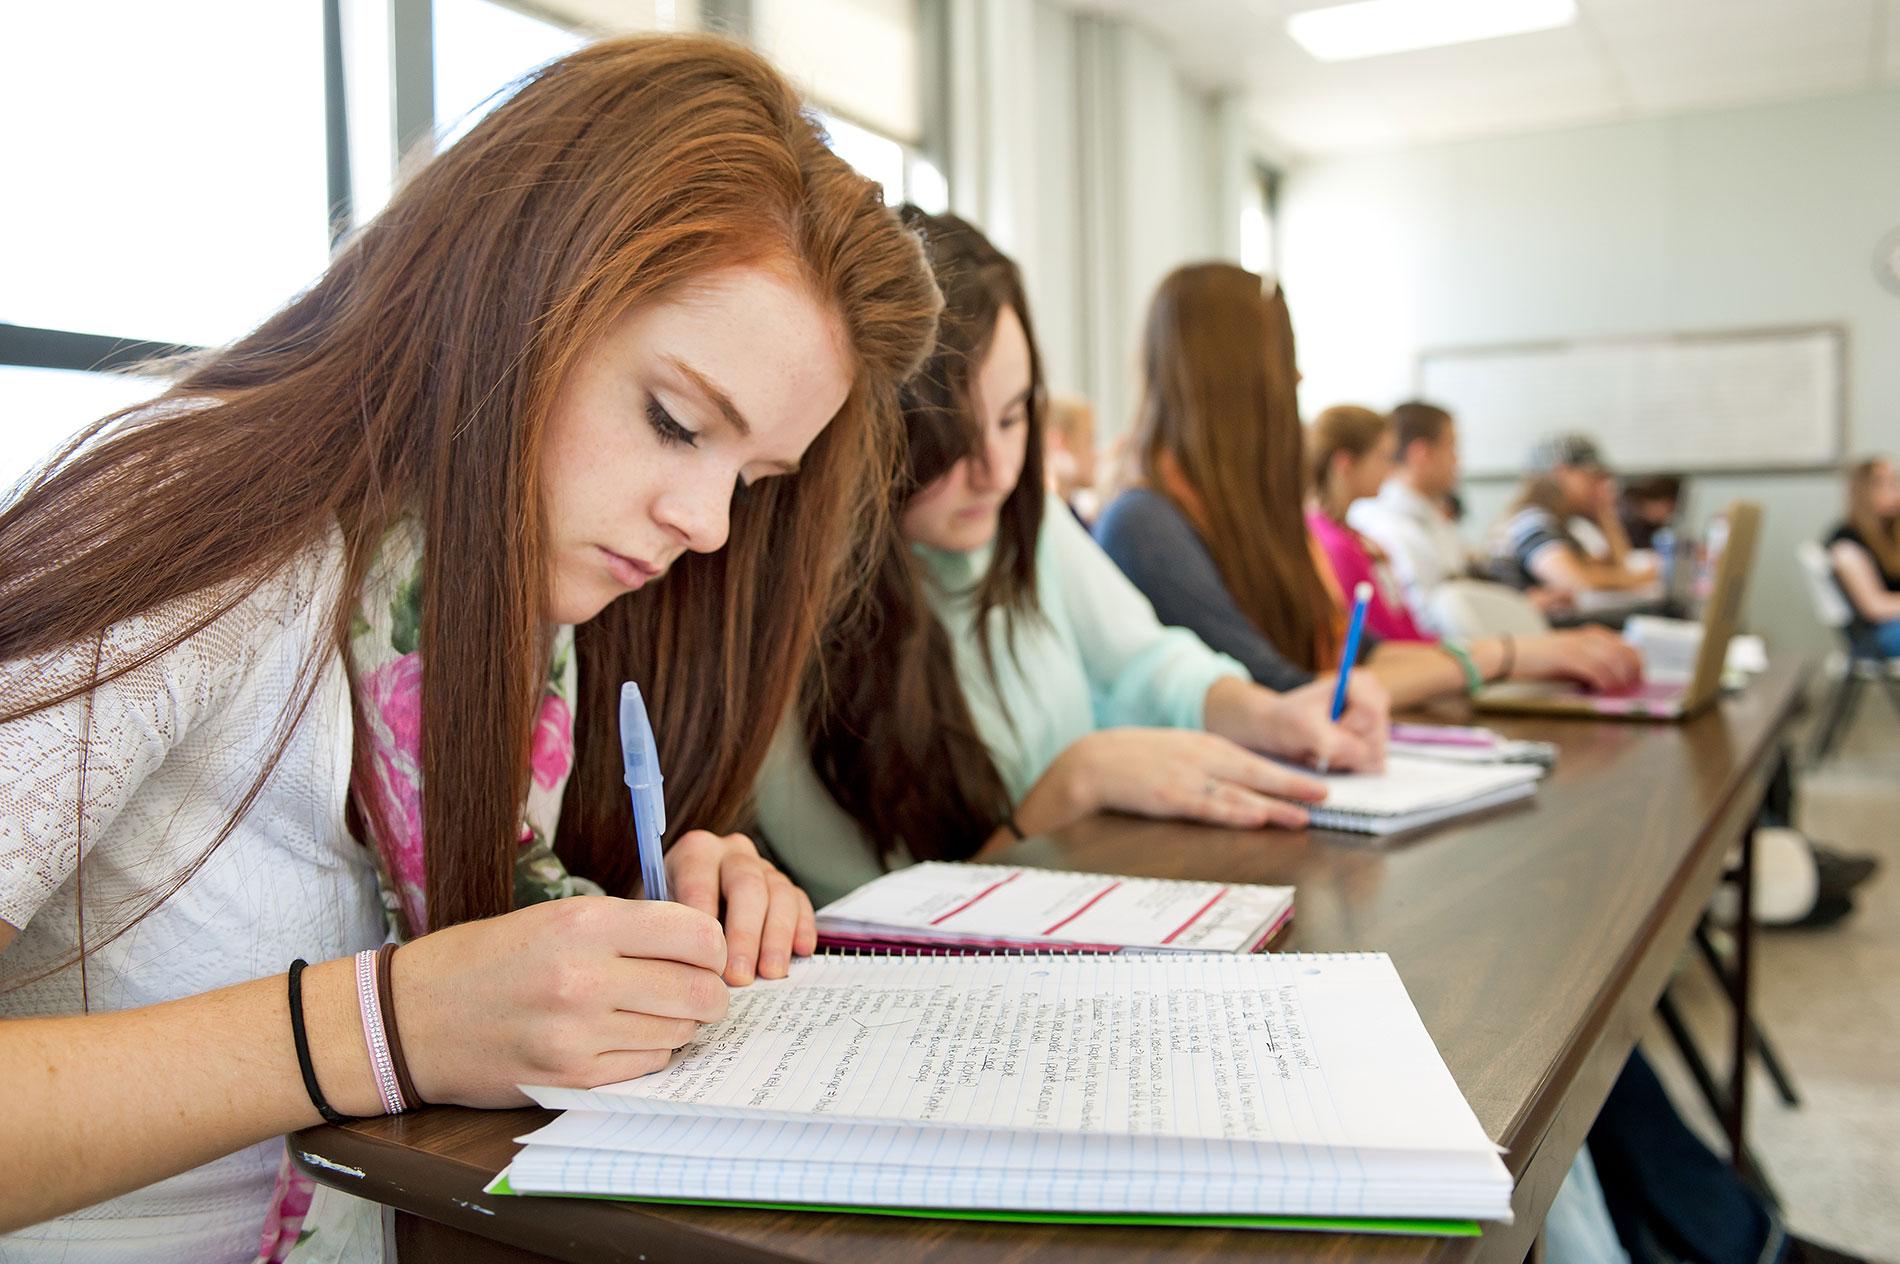 Mỗi bài essay cần đảm bảo đầy đủ cấu trúc để đạt band điểm cao